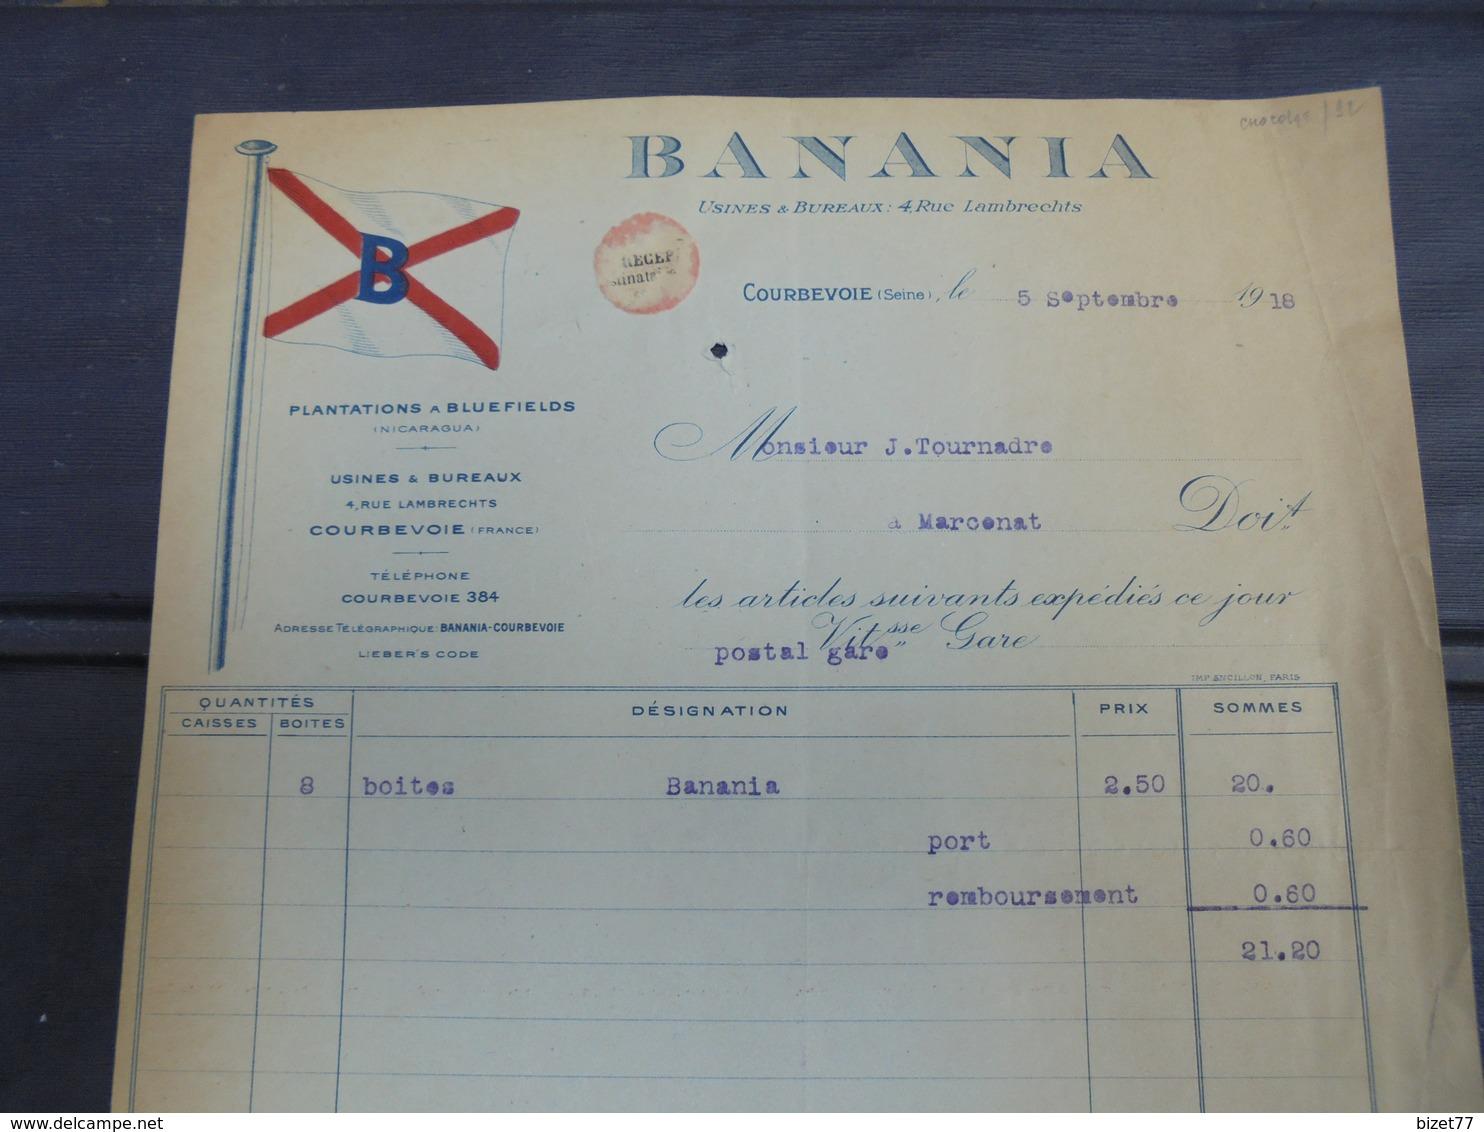 COURBEVOIE, 1918 - BANANIA - DECO - FACTURETTE - France